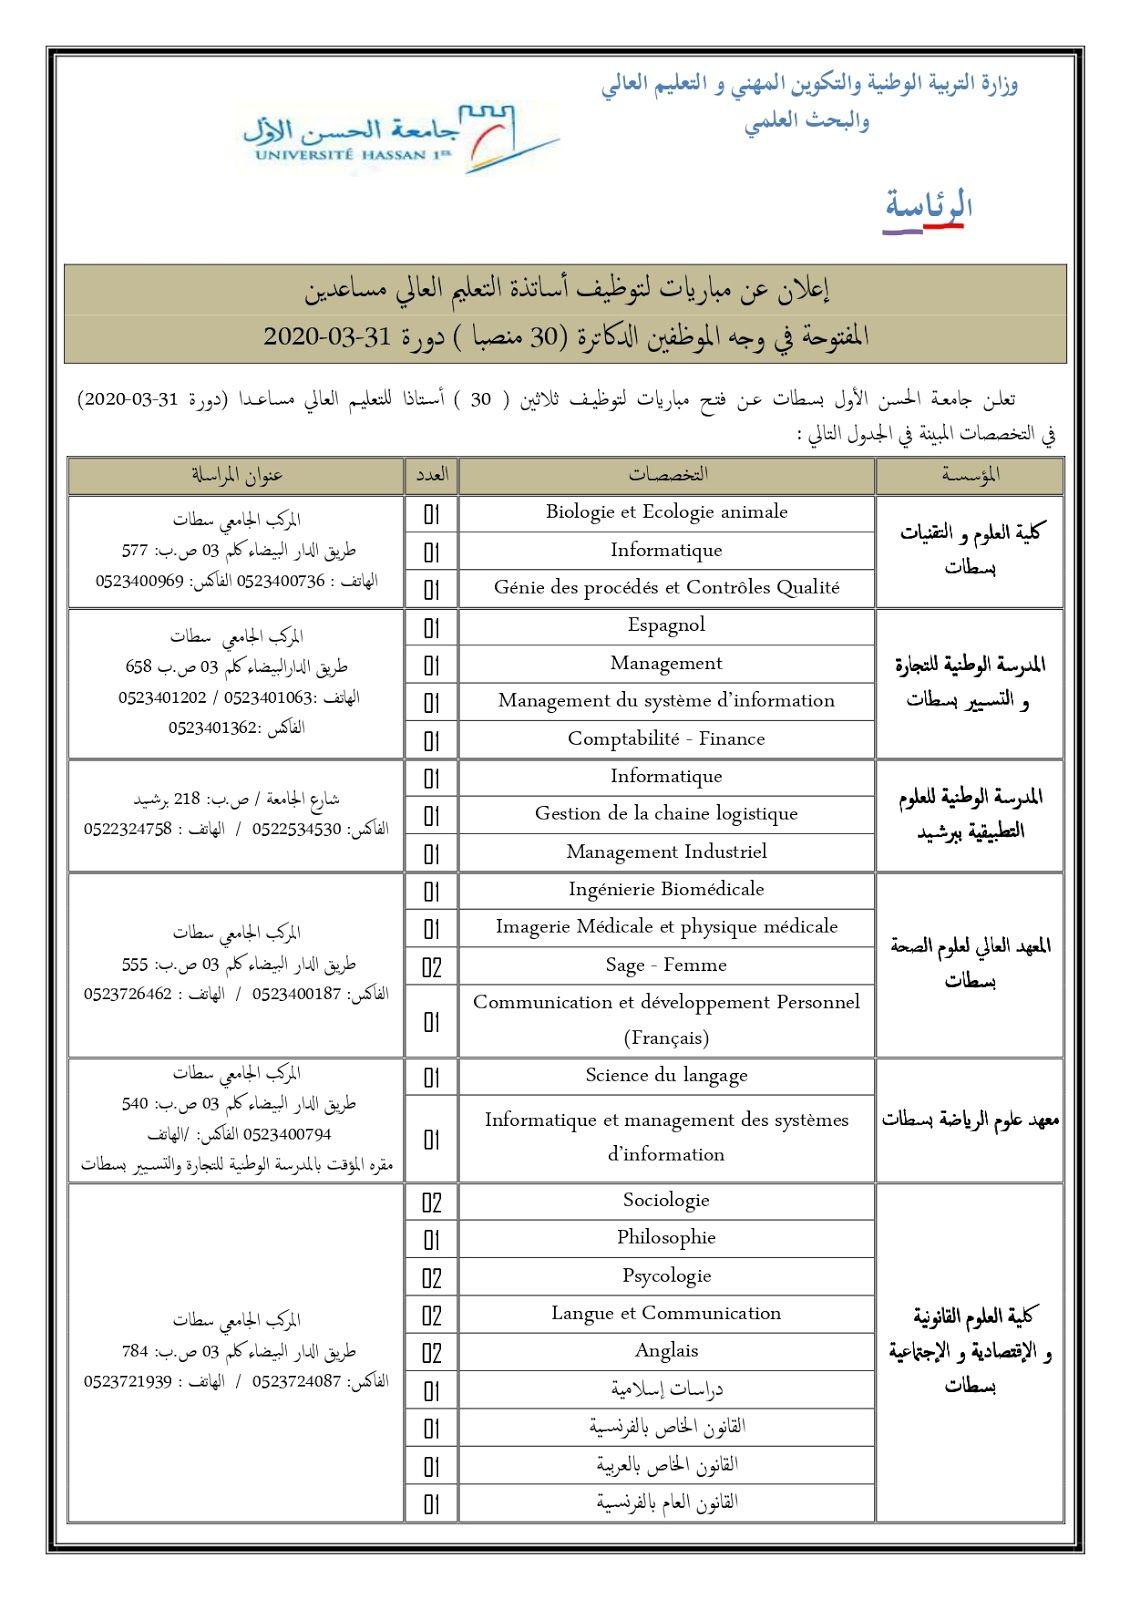 عــــــــــــاجل مباريات لتوظيف 184 أستاذ التعليم العالي مساعد بعدة جامعات مغربية آخر أجل 20 مارس 2020 Journal Bullet Journal